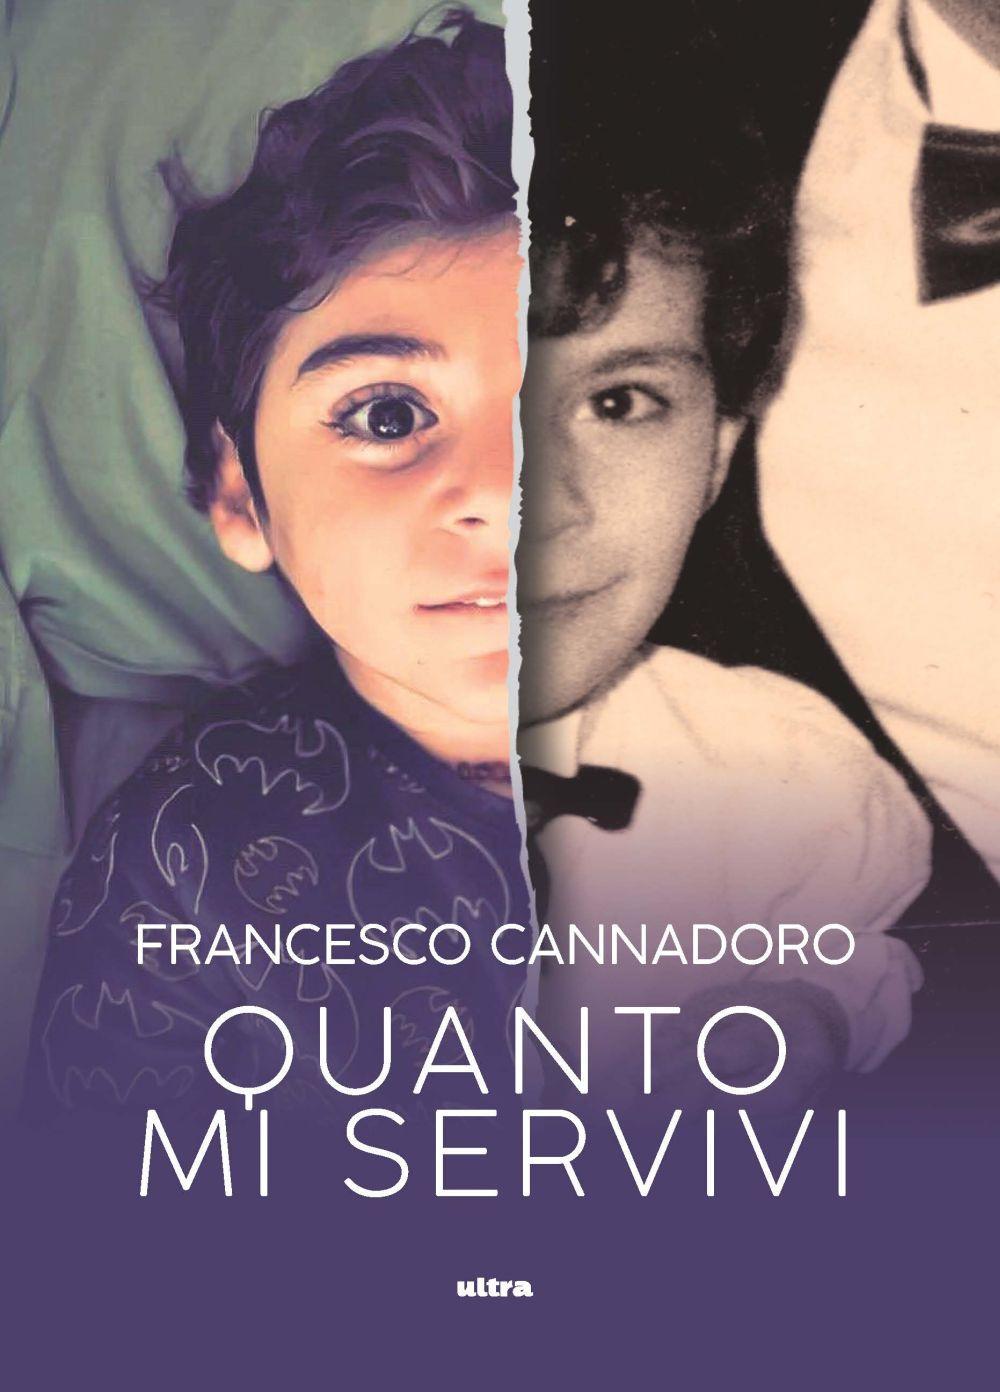 QUANTO MI SERVIVI - Cannadoro Francesco - 9788892780705